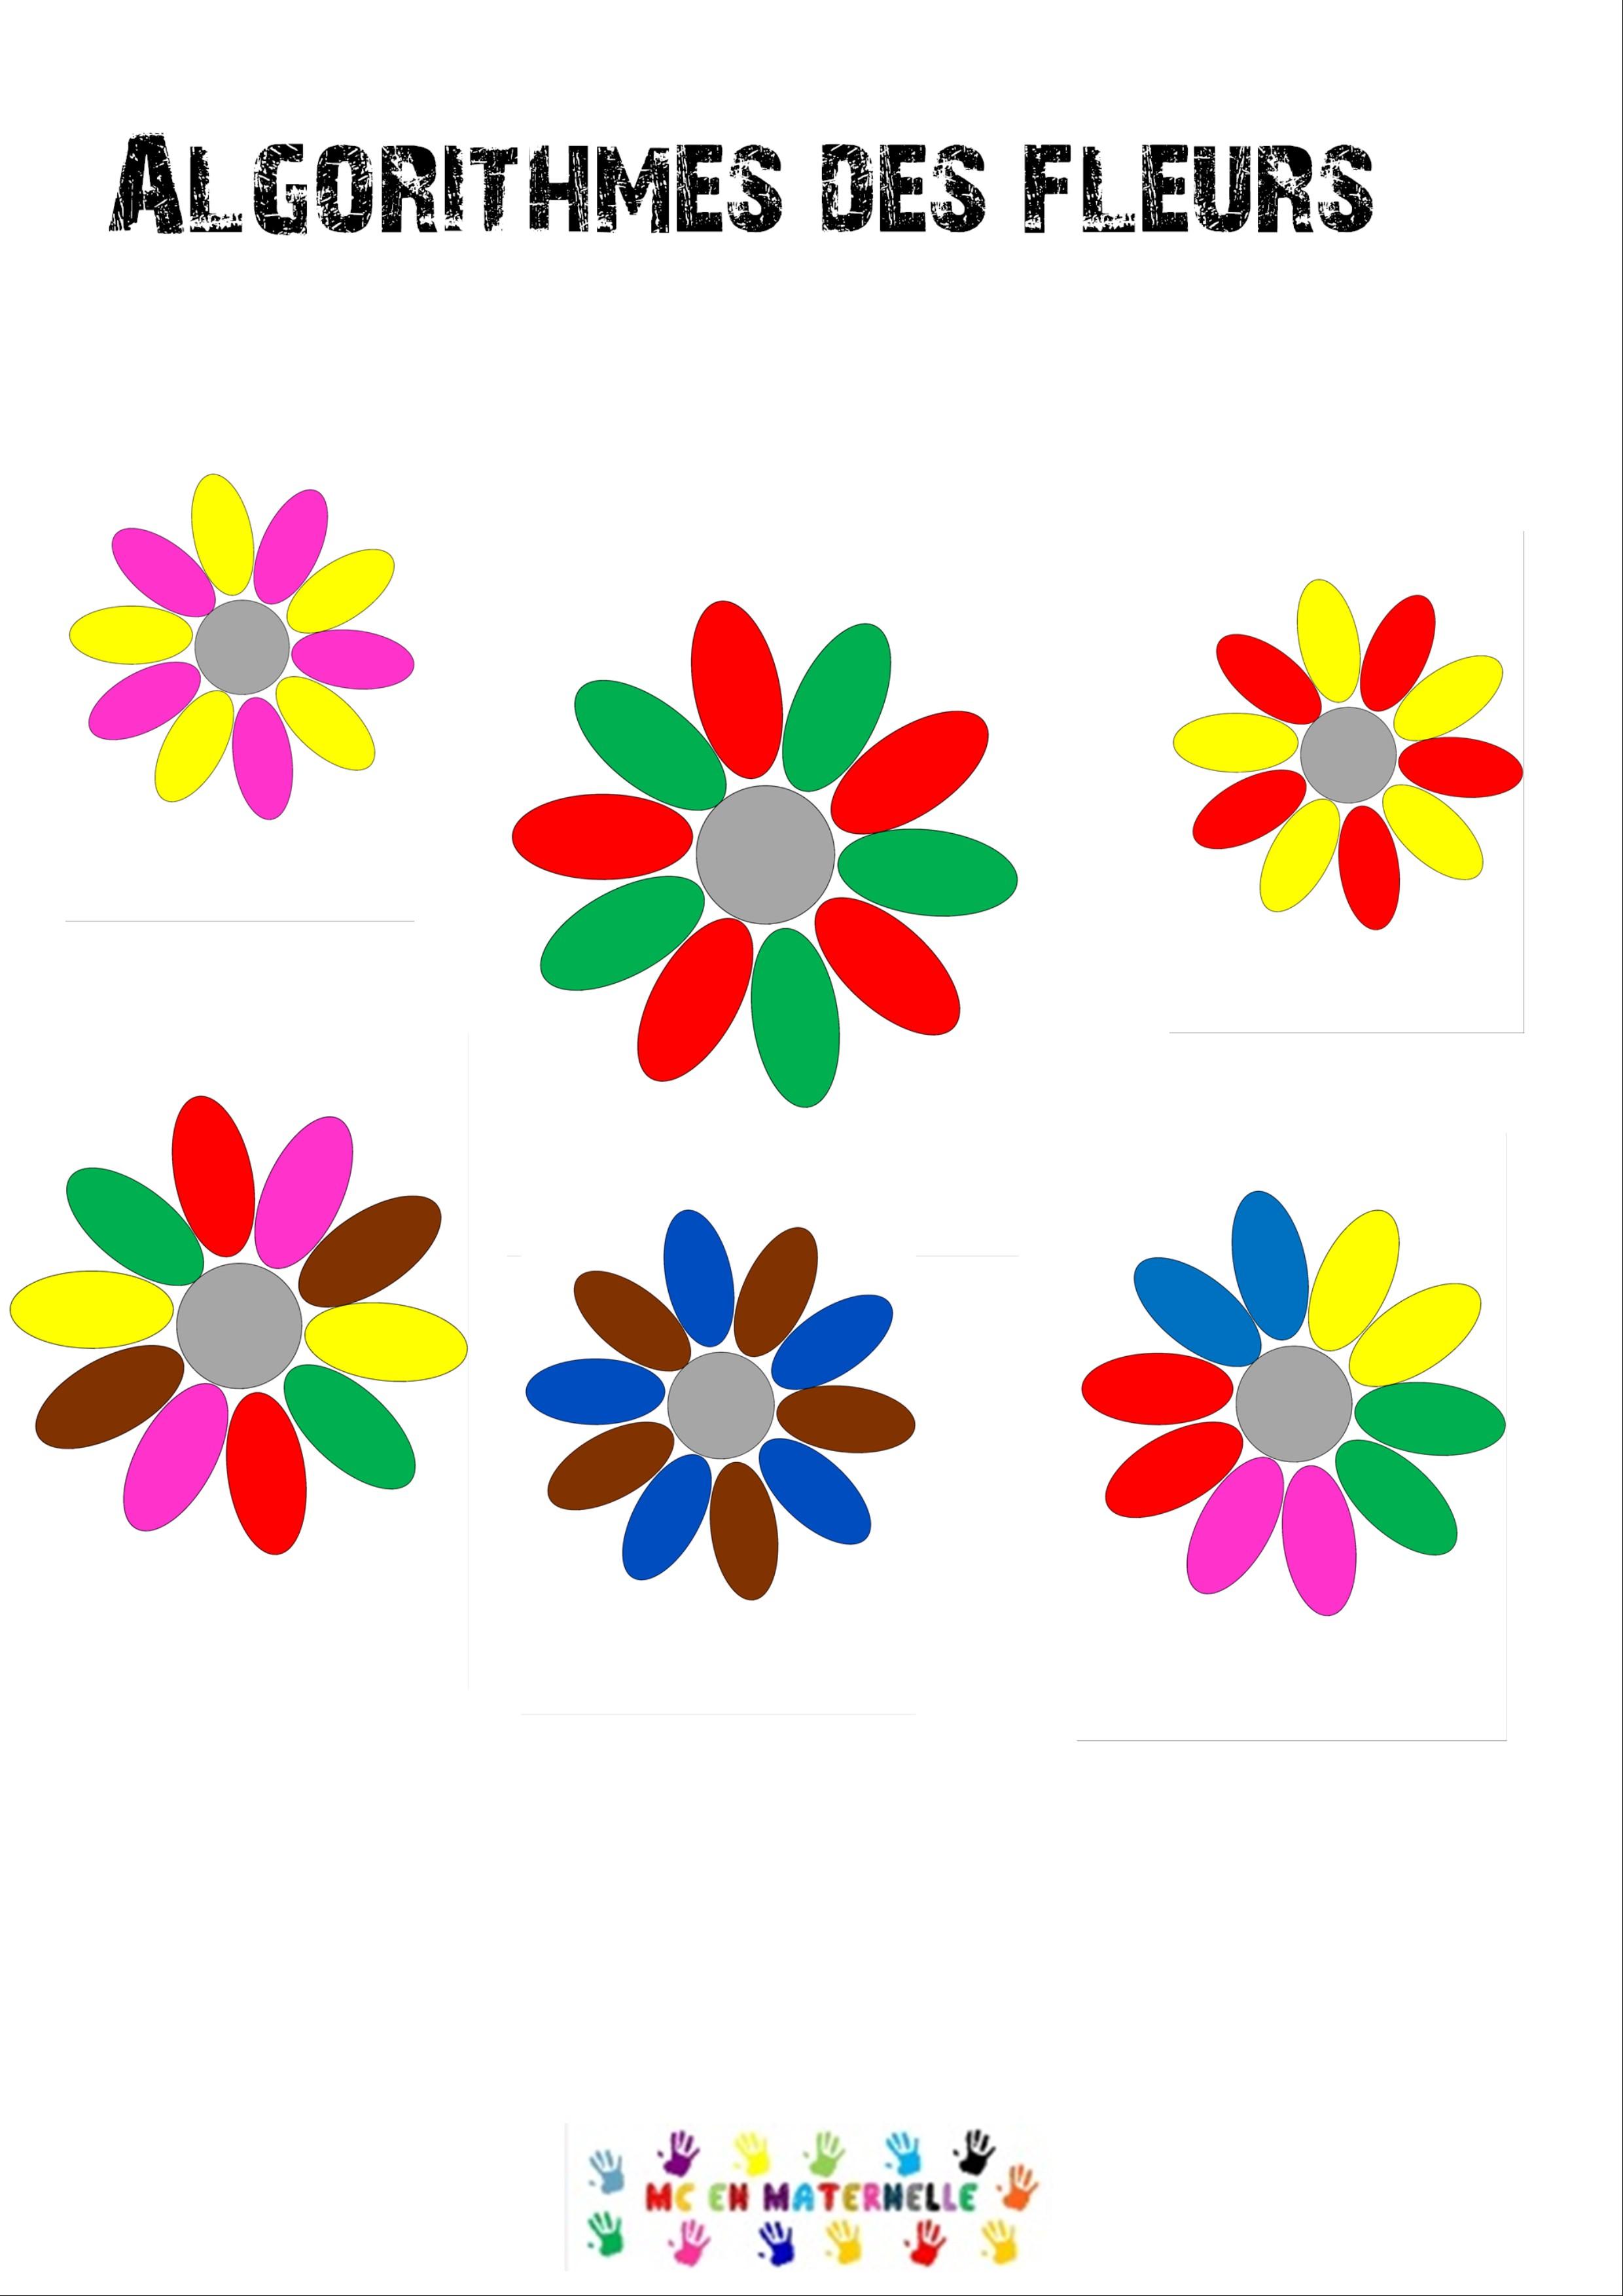 Algorithmes des fleurs mc en maternelle - Fleurs printemps maternelle ...